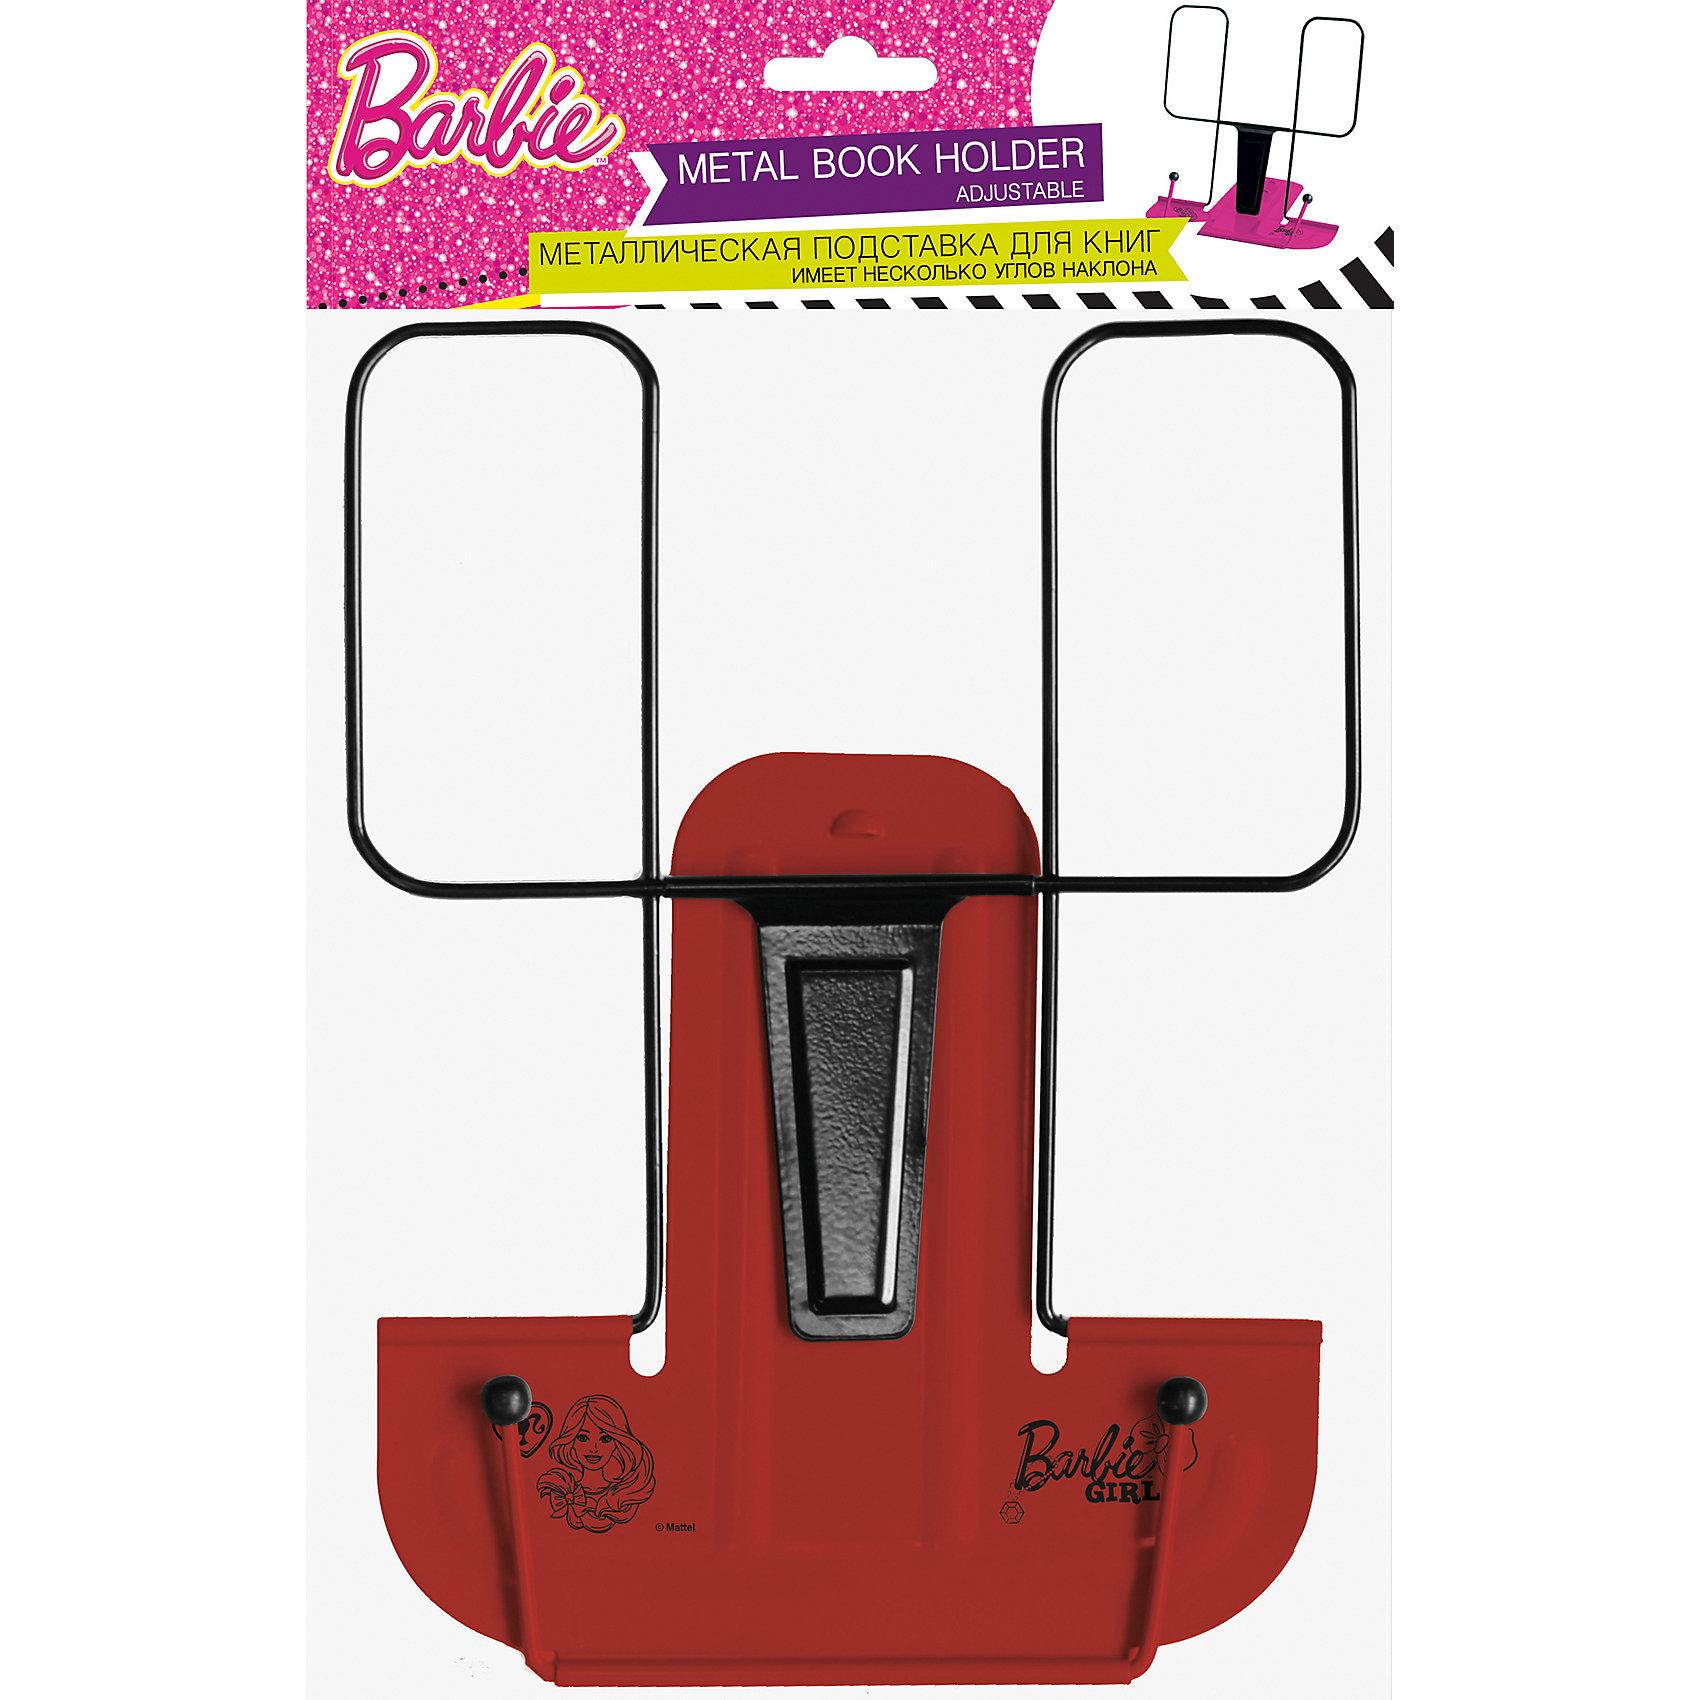 Металлическая подставка для книг, BarbieBarbie<br>Удобная подставка для книг Barbie станет незаменимым аксессуаром на столе у школьницы. Подставка имеет металлические держатель и основание, украшенное логотипом популярной куклы Барби и ее изображением. Оснащена пластиковым упором, благодаря чему имеет<br>несколько углов наклона. <br><br>Дополнительная информация:<br><br>- Материал: металл, пластик.<br>- Размер: 19 х 20 х 1,5 см.<br>- Вес: 148 гр.<br><br>Металлическую подставку для книг, Barbie, можно купить в нашем интернет-магазине.<br><br>Ширина мм: 5<br>Глубина мм: 210<br>Высота мм: 300<br>Вес г: 148<br>Возраст от месяцев: 96<br>Возраст до месяцев: 108<br>Пол: Женский<br>Возраст: Детский<br>SKU: 4489521